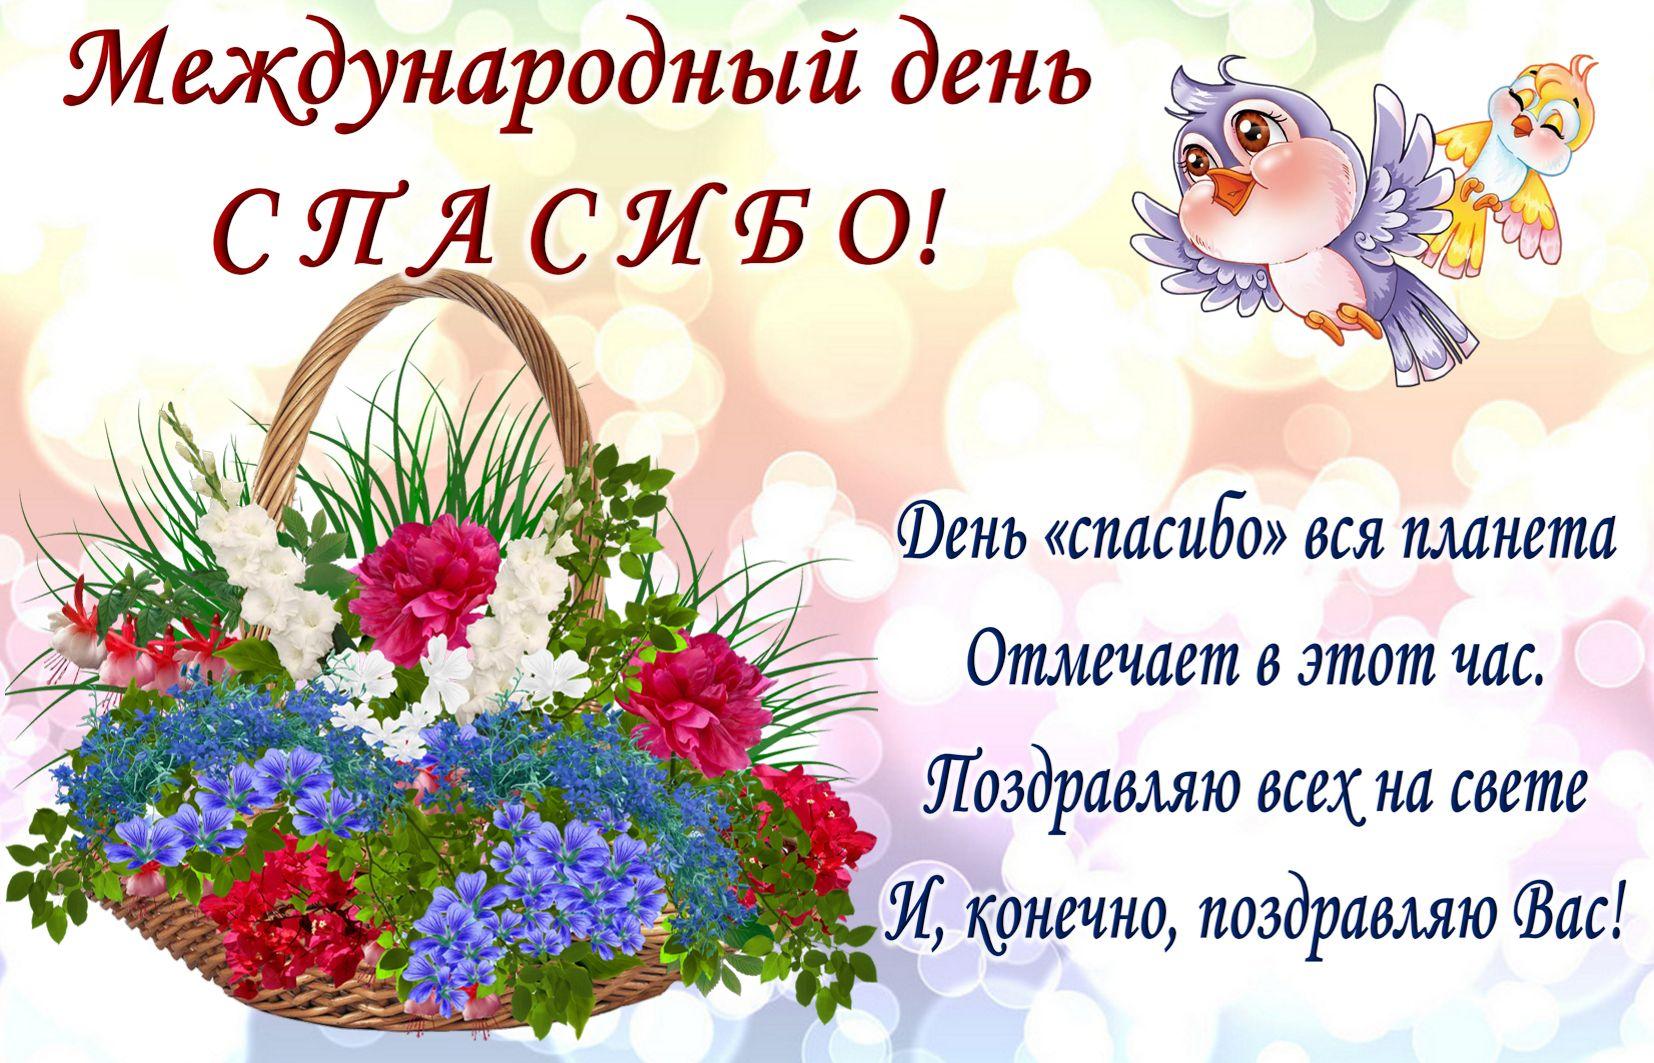 Добрый день спасибо за поздравления